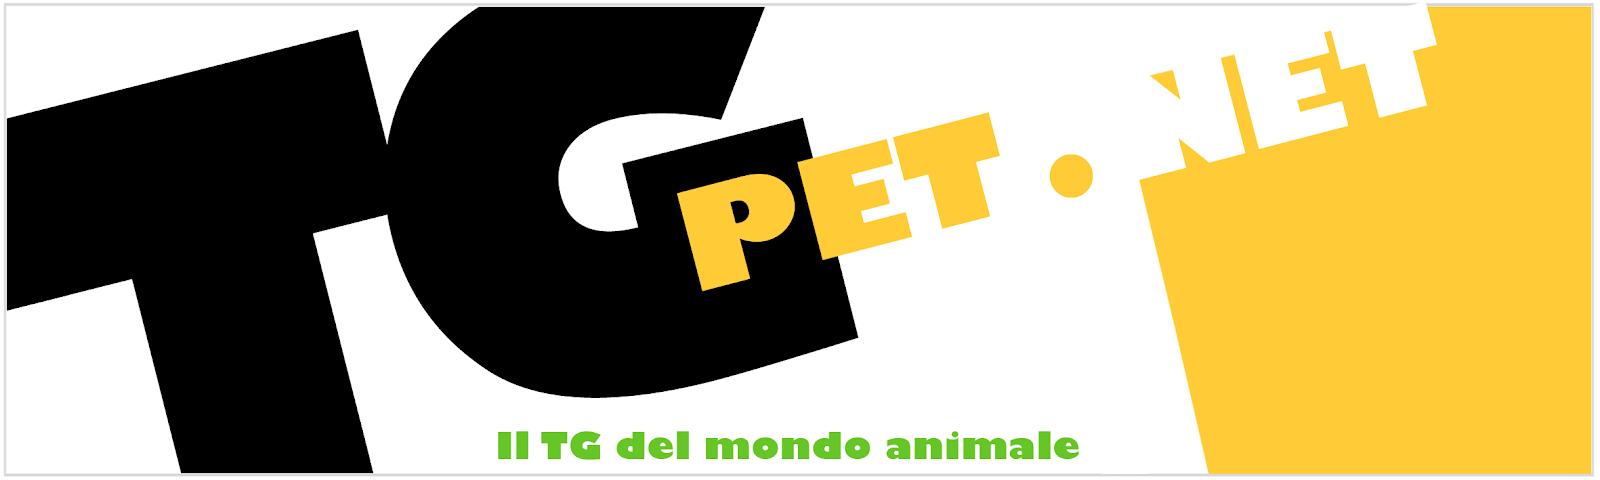 TGPET.net